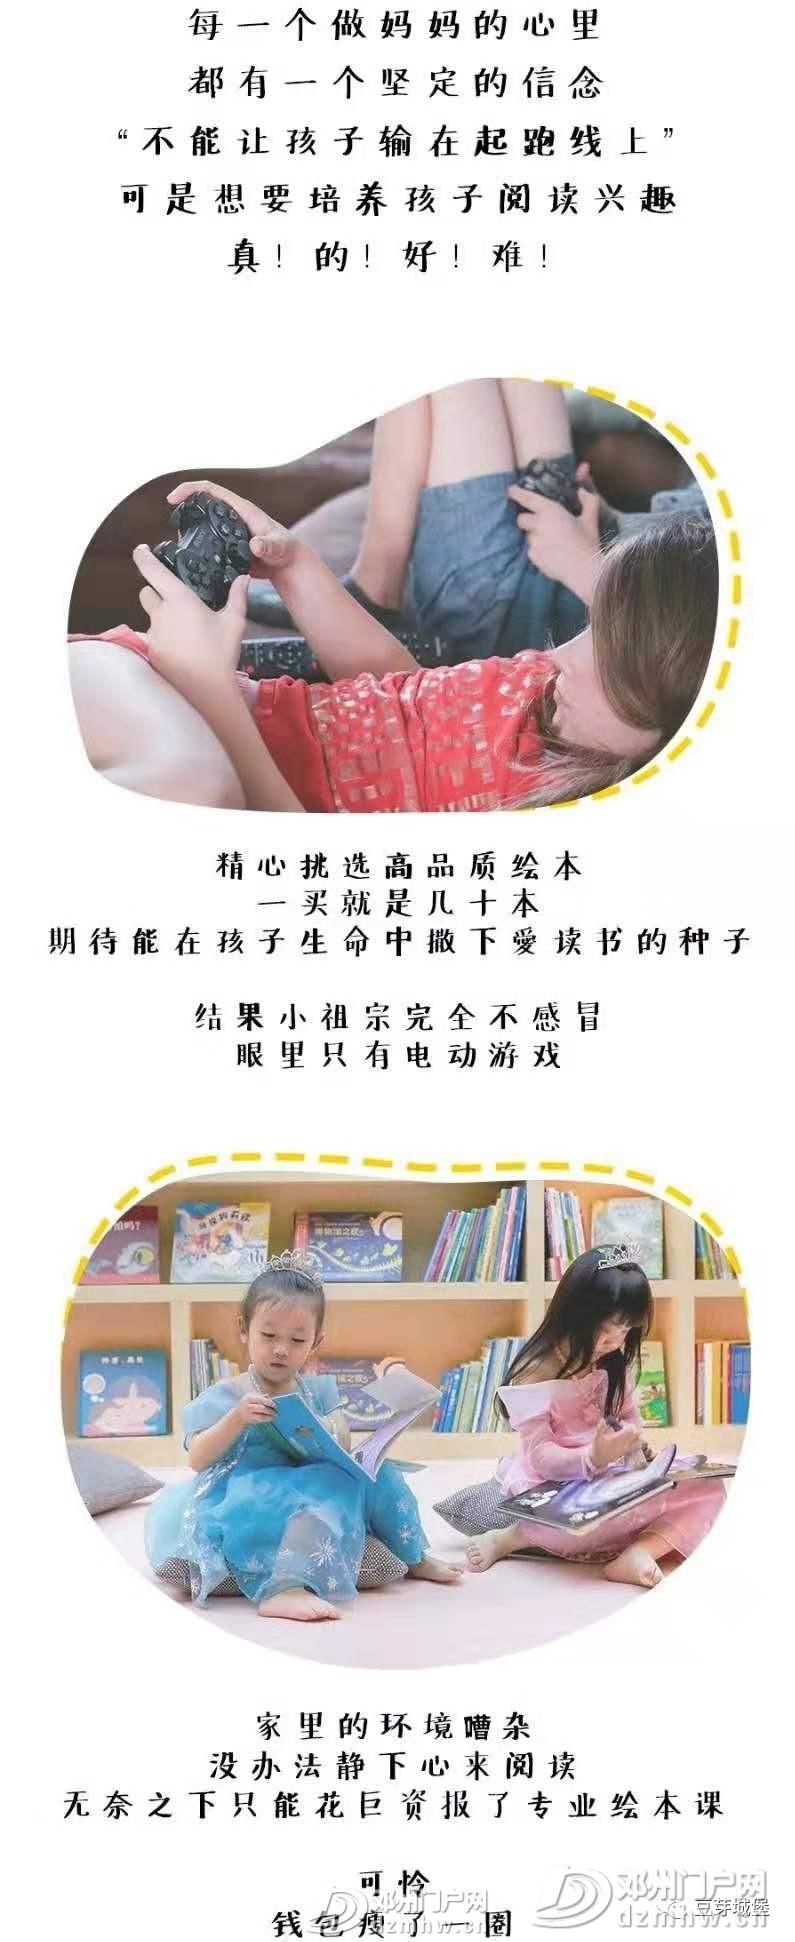 开学第一周,四场亲子活动等着你!VIP会员免费出游喽 - 邓州门户网|邓州网 - 1b7225ca2ca6373aaf330a16197f696d.jpg